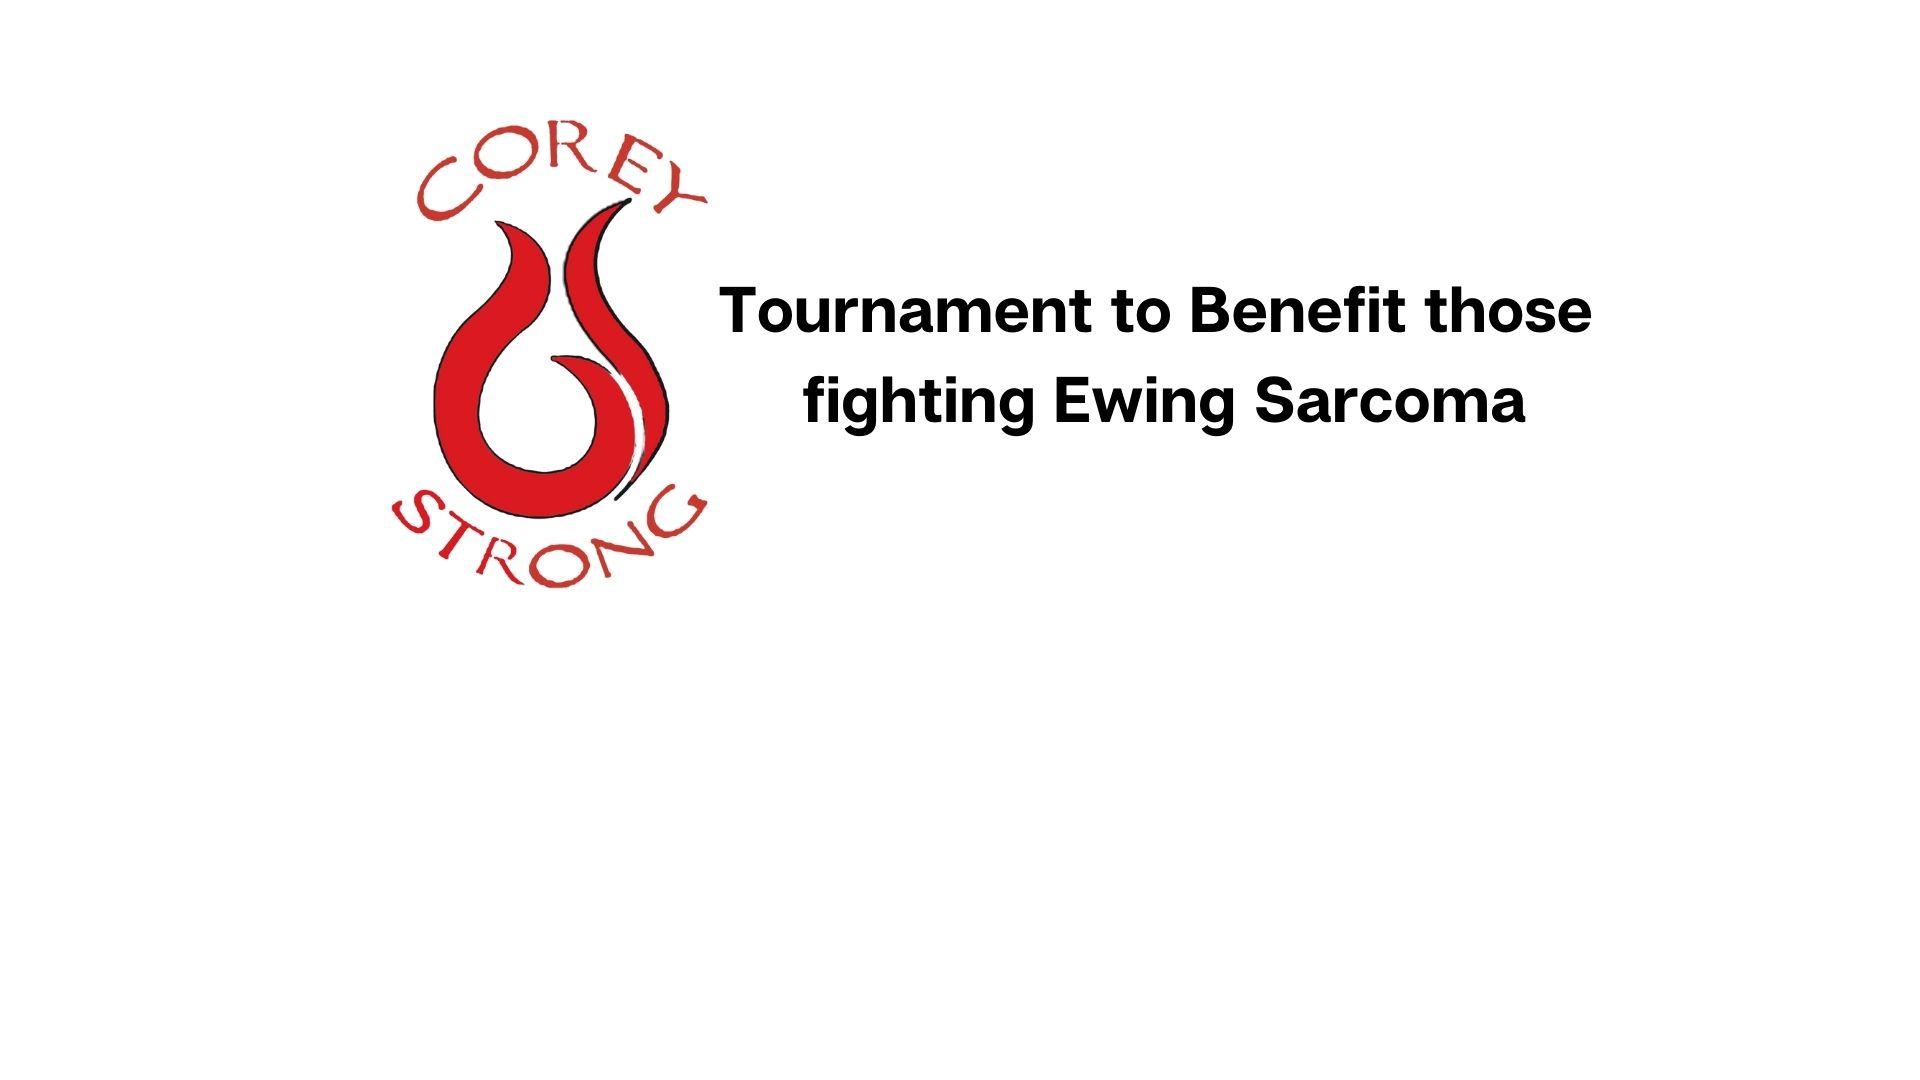 Corey Strong Tournament October 2